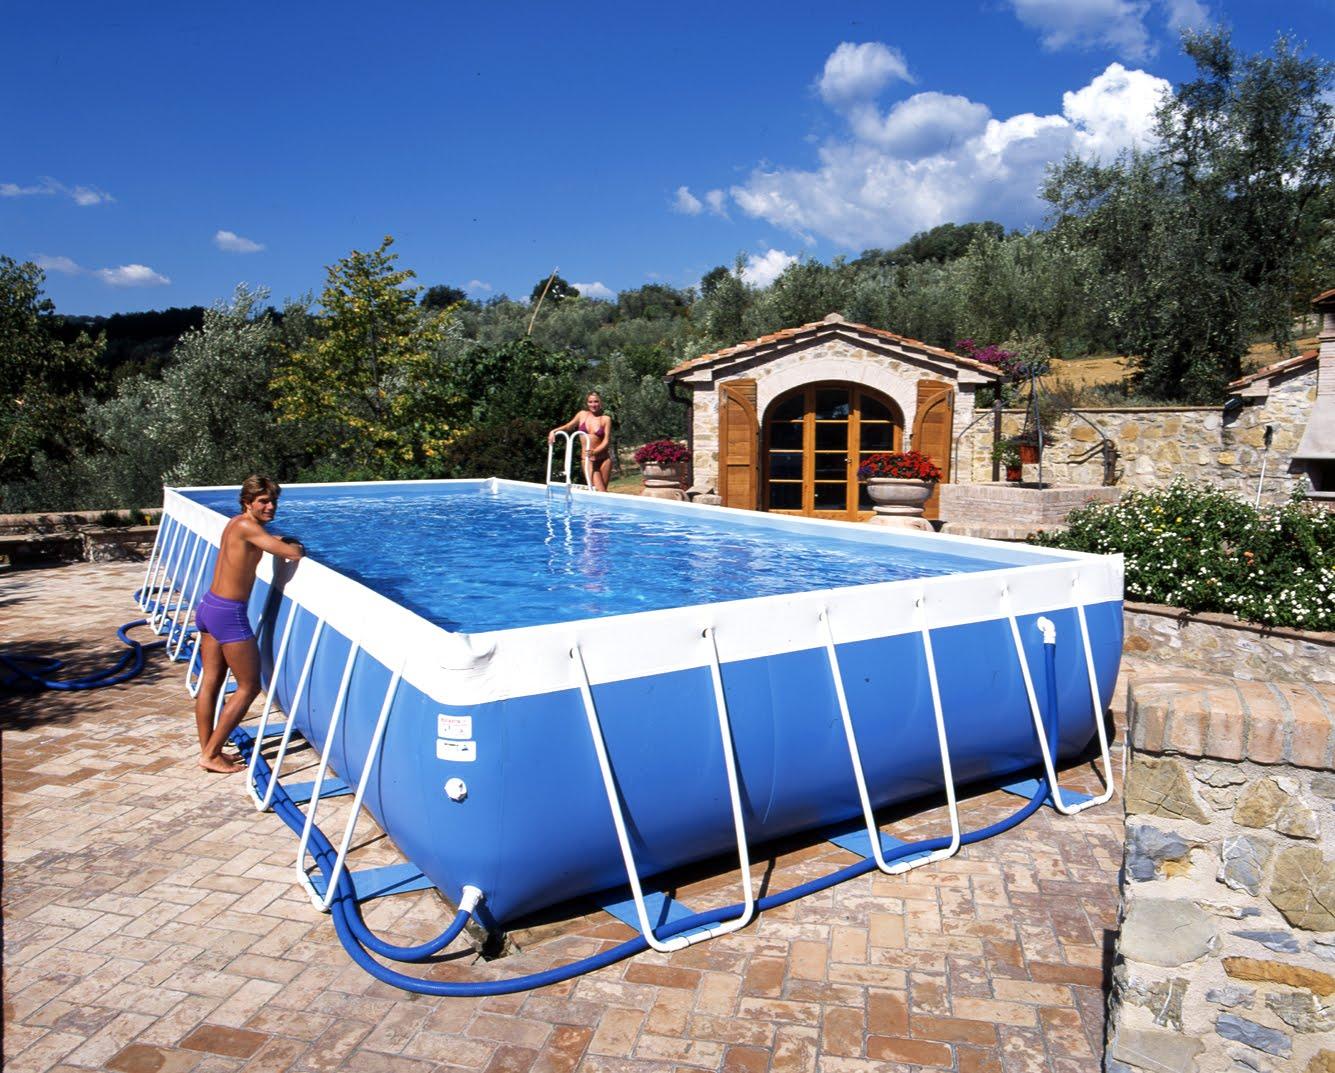 Piscine laghetto news blog difenditi al caldo con la tua piscina - Piscine laghetto ...